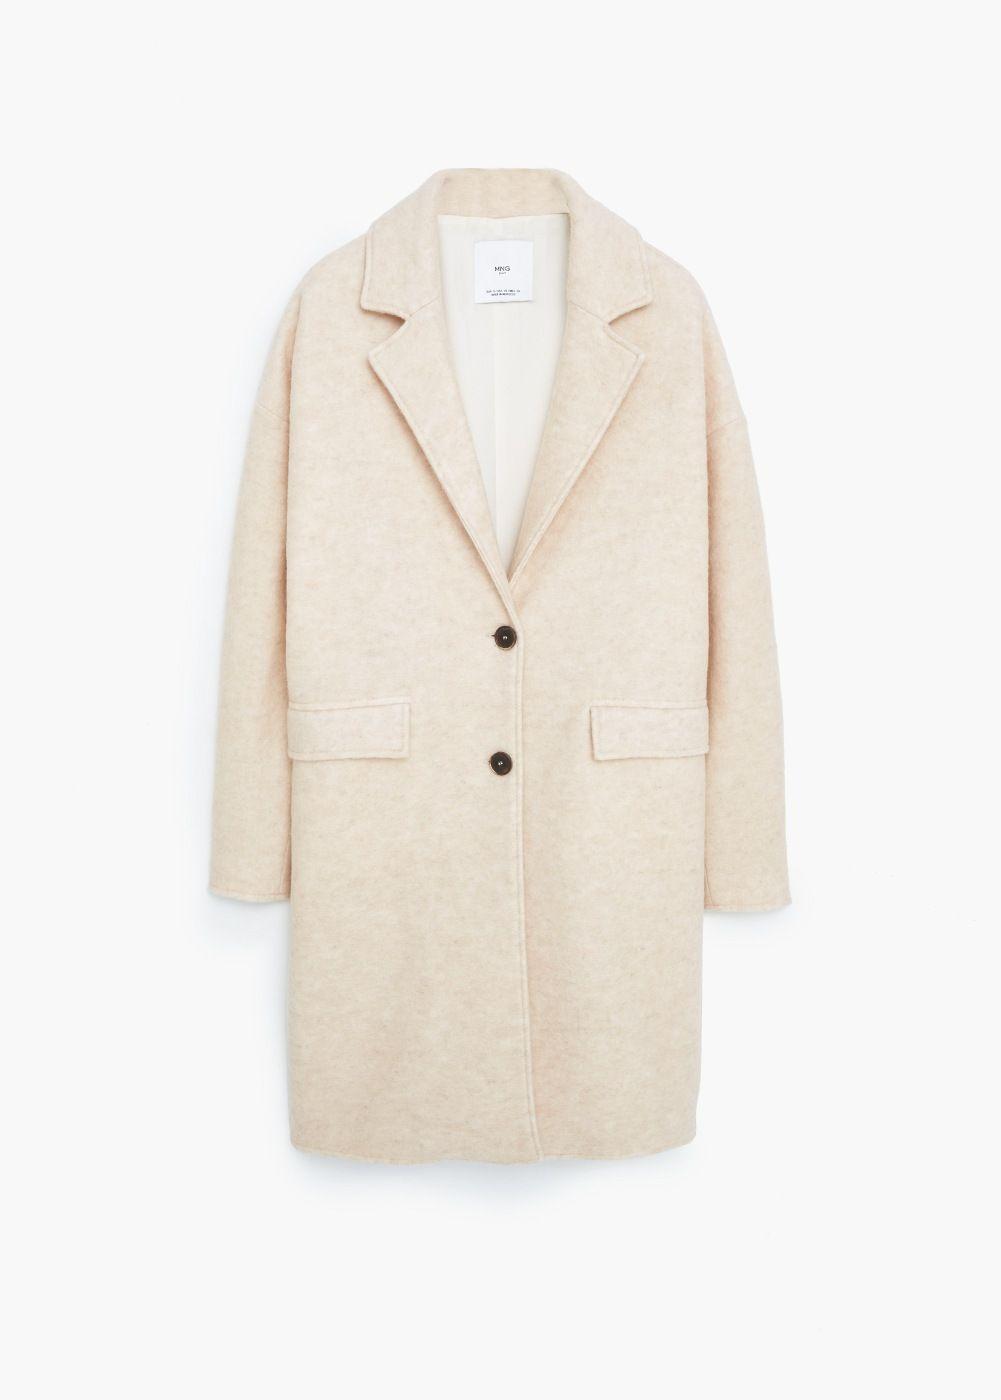 100% authentique meilleur prix date de sortie: Manteau laine revers - Femme